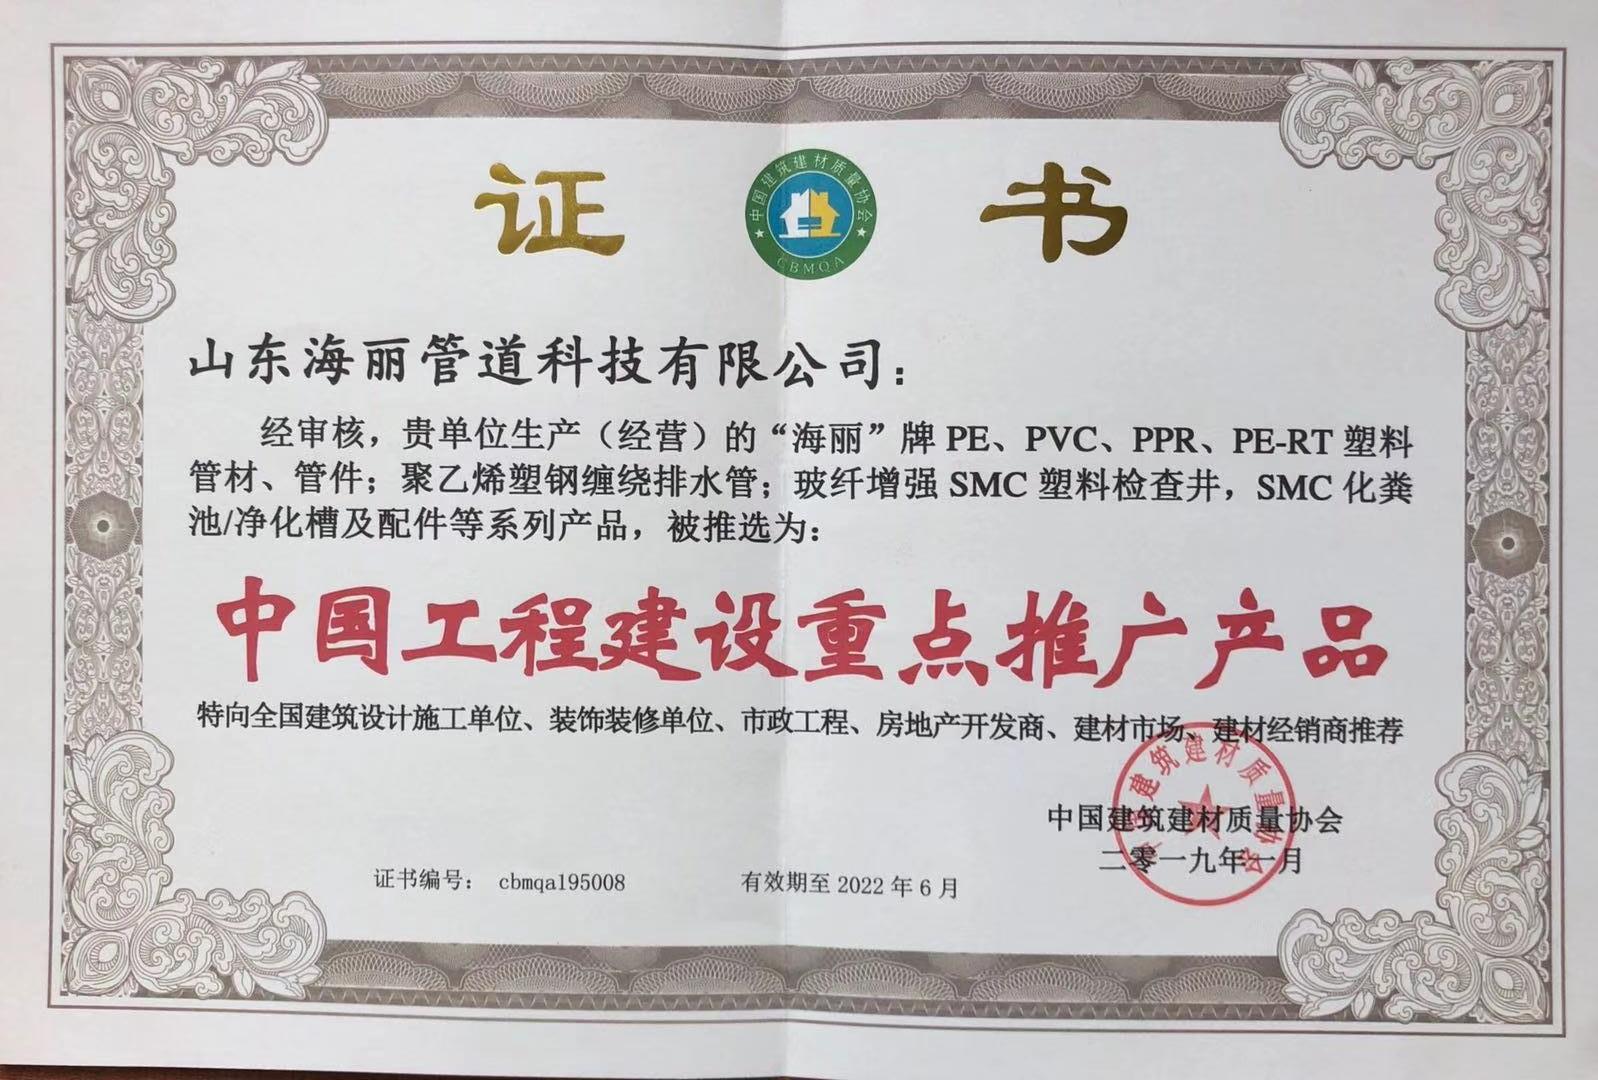 中国工程建设重点推广产品_201901